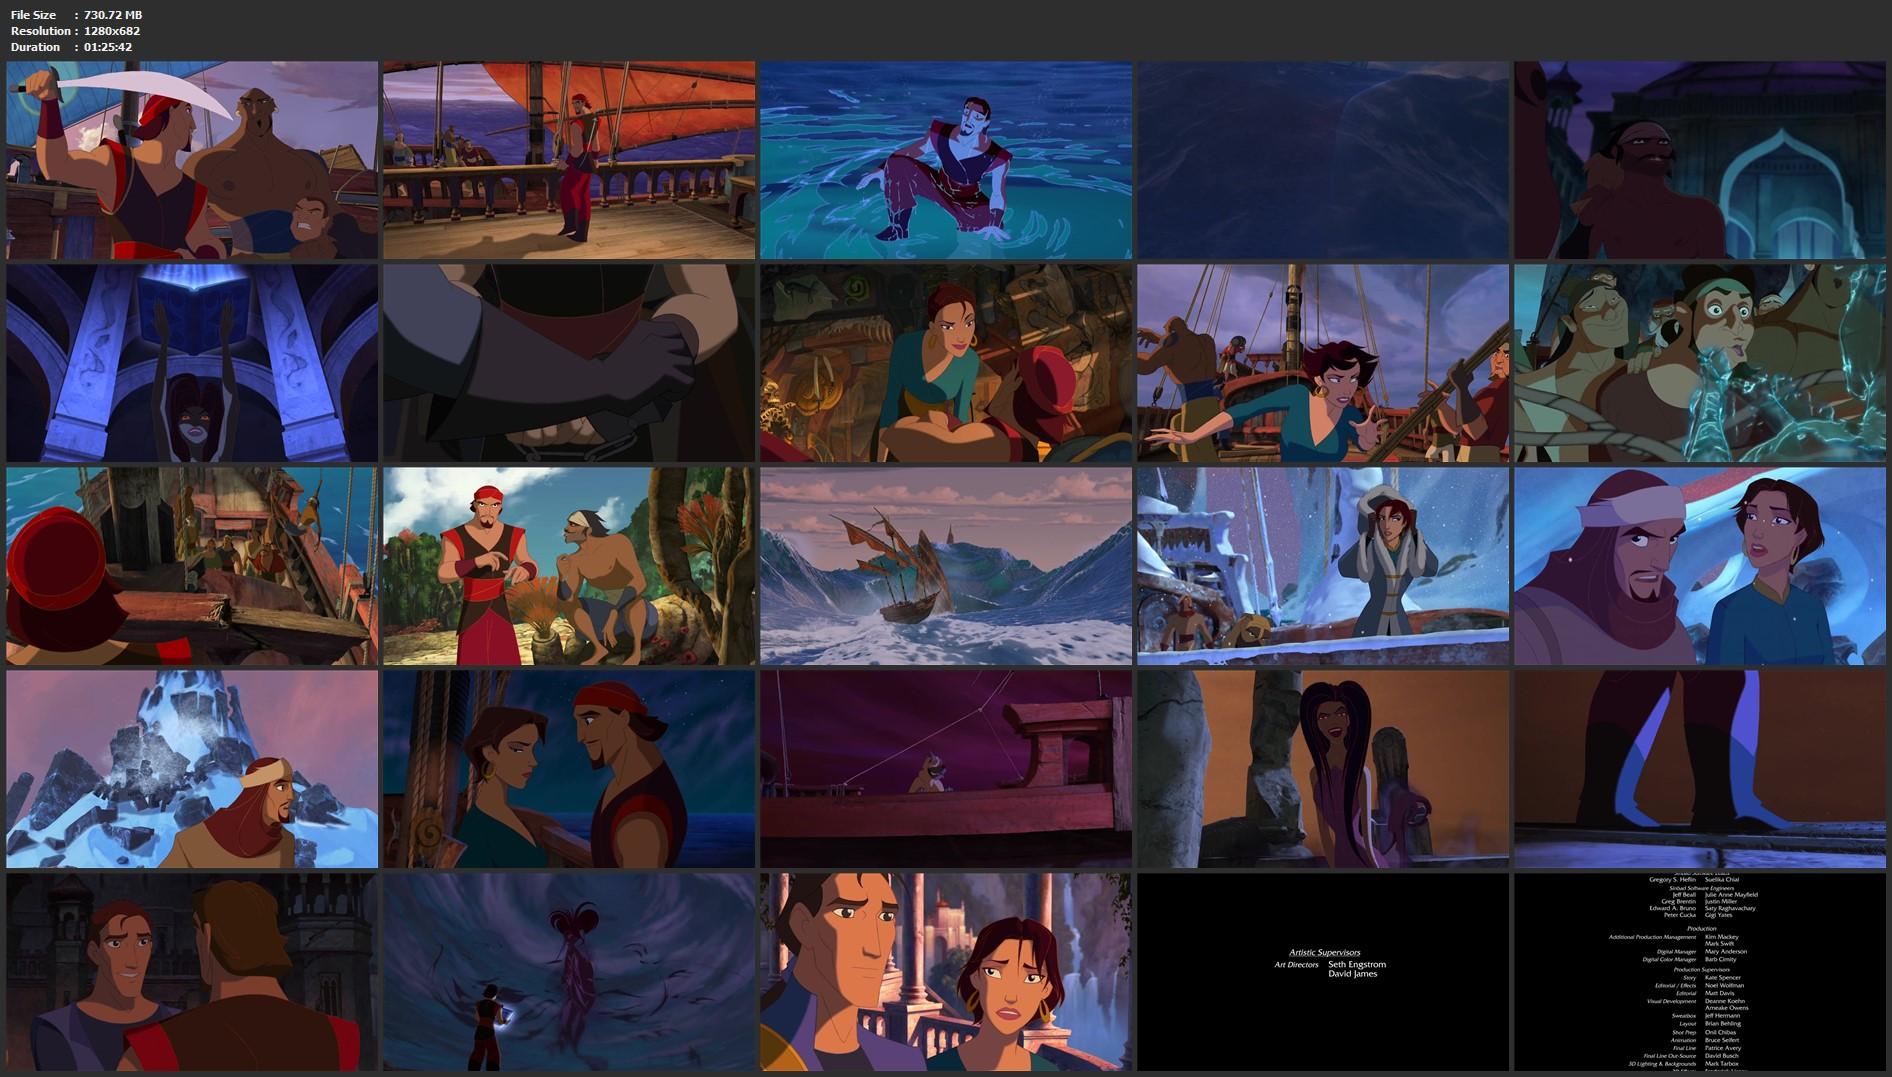 Sinbad Legend Of The Seven Seas (2003) 720p BluRay.mp4